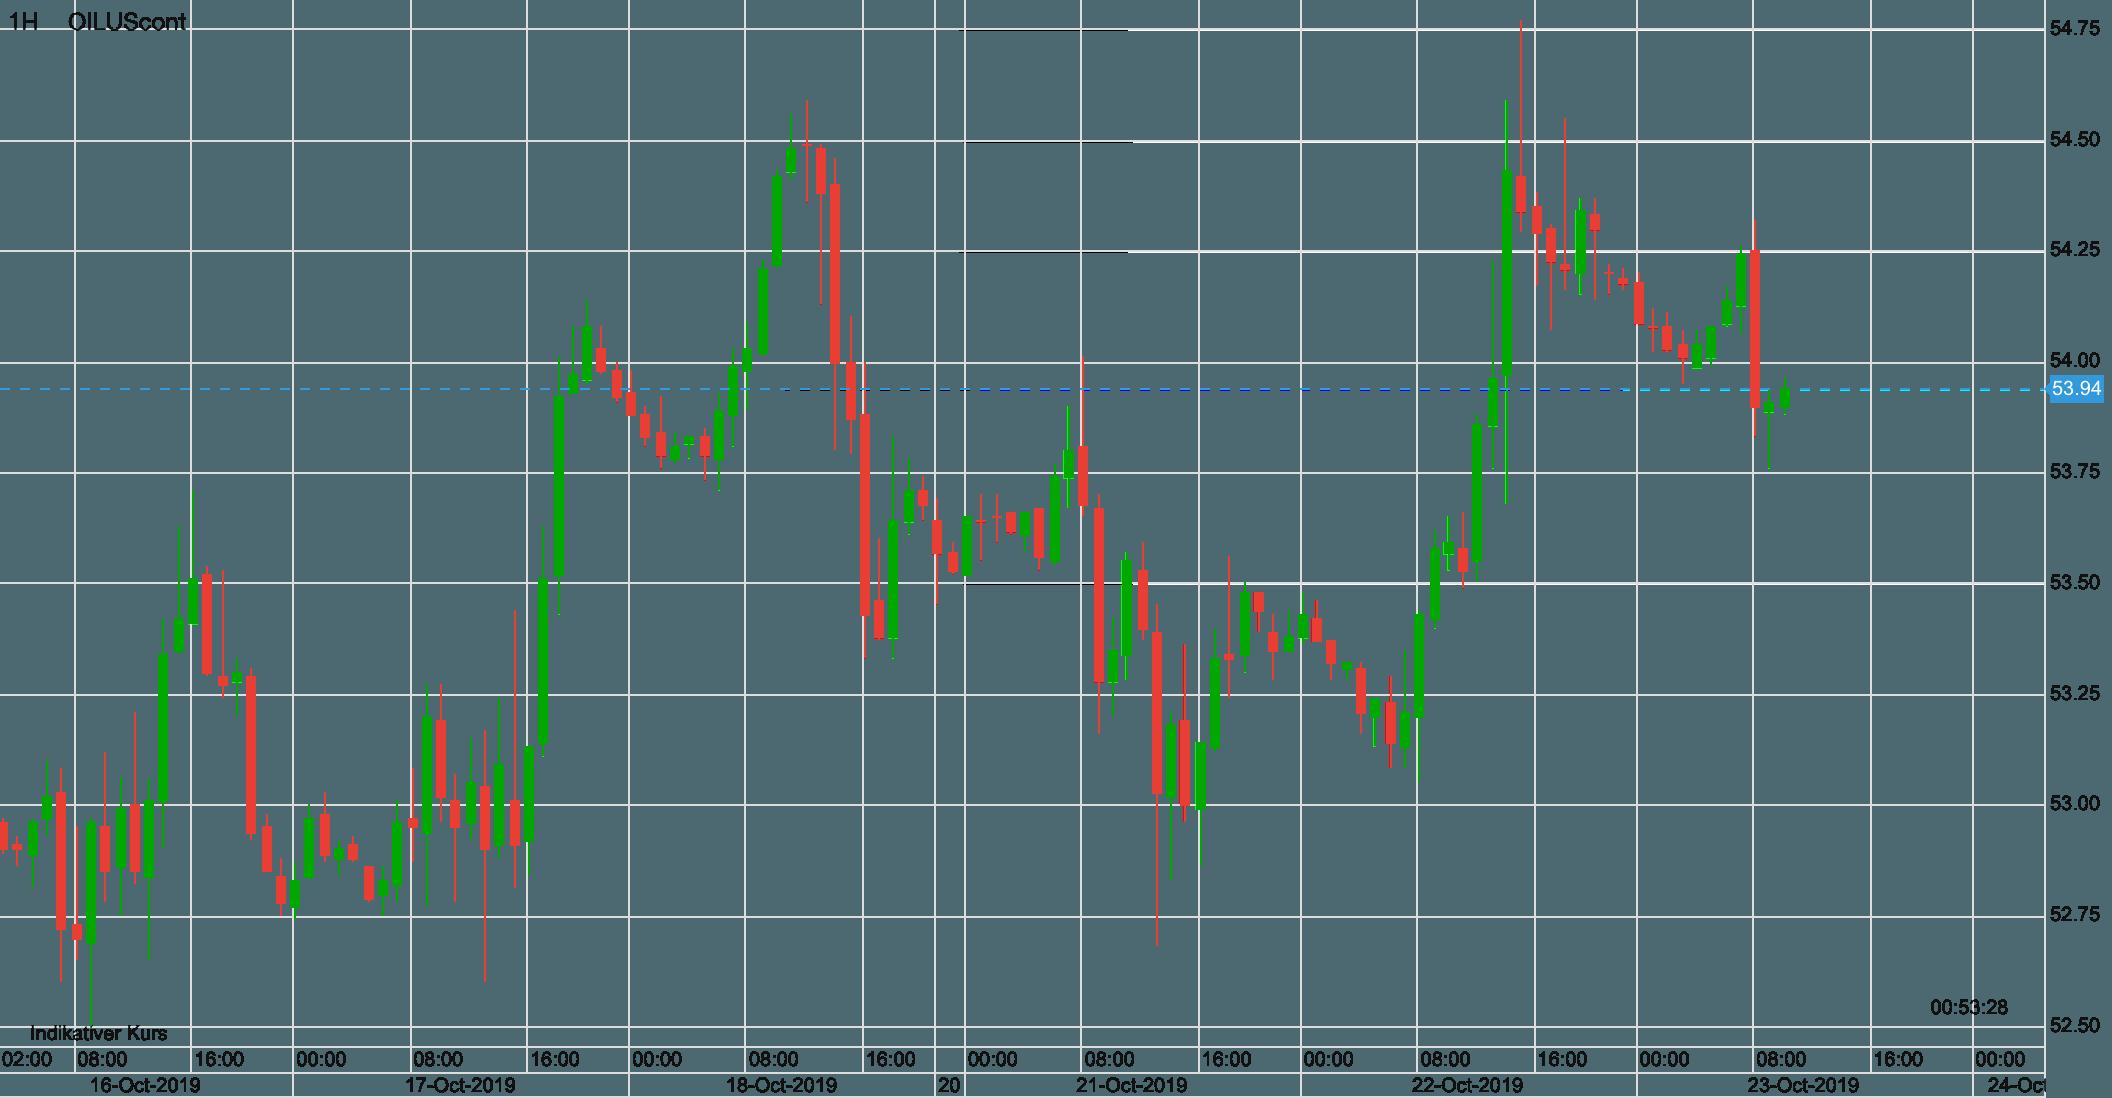 Ölpreis WTI Verlauf in den letzten zehn Tagen